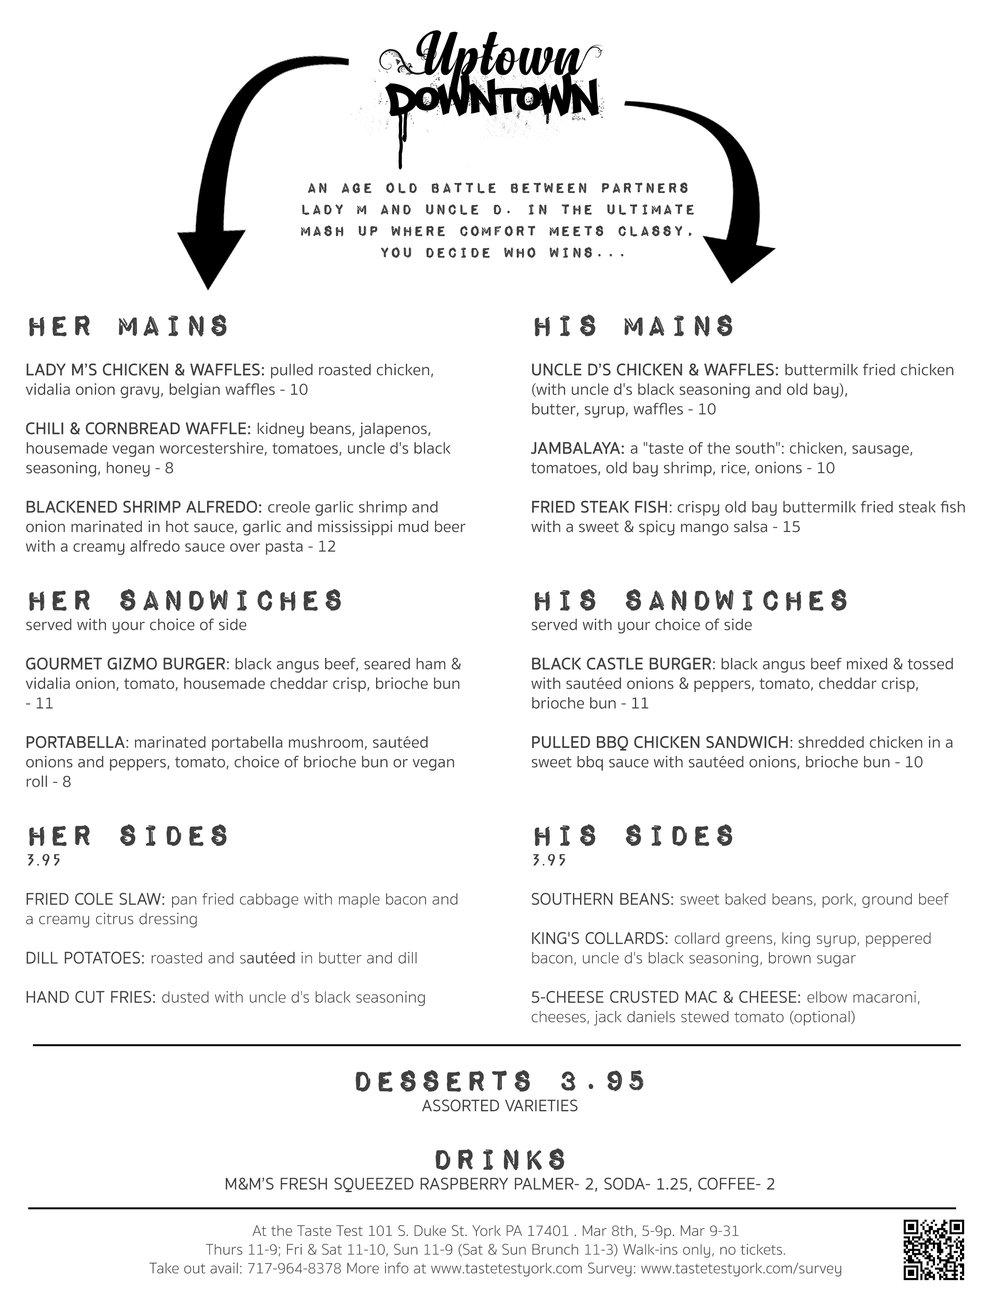 UD final menu.jpg